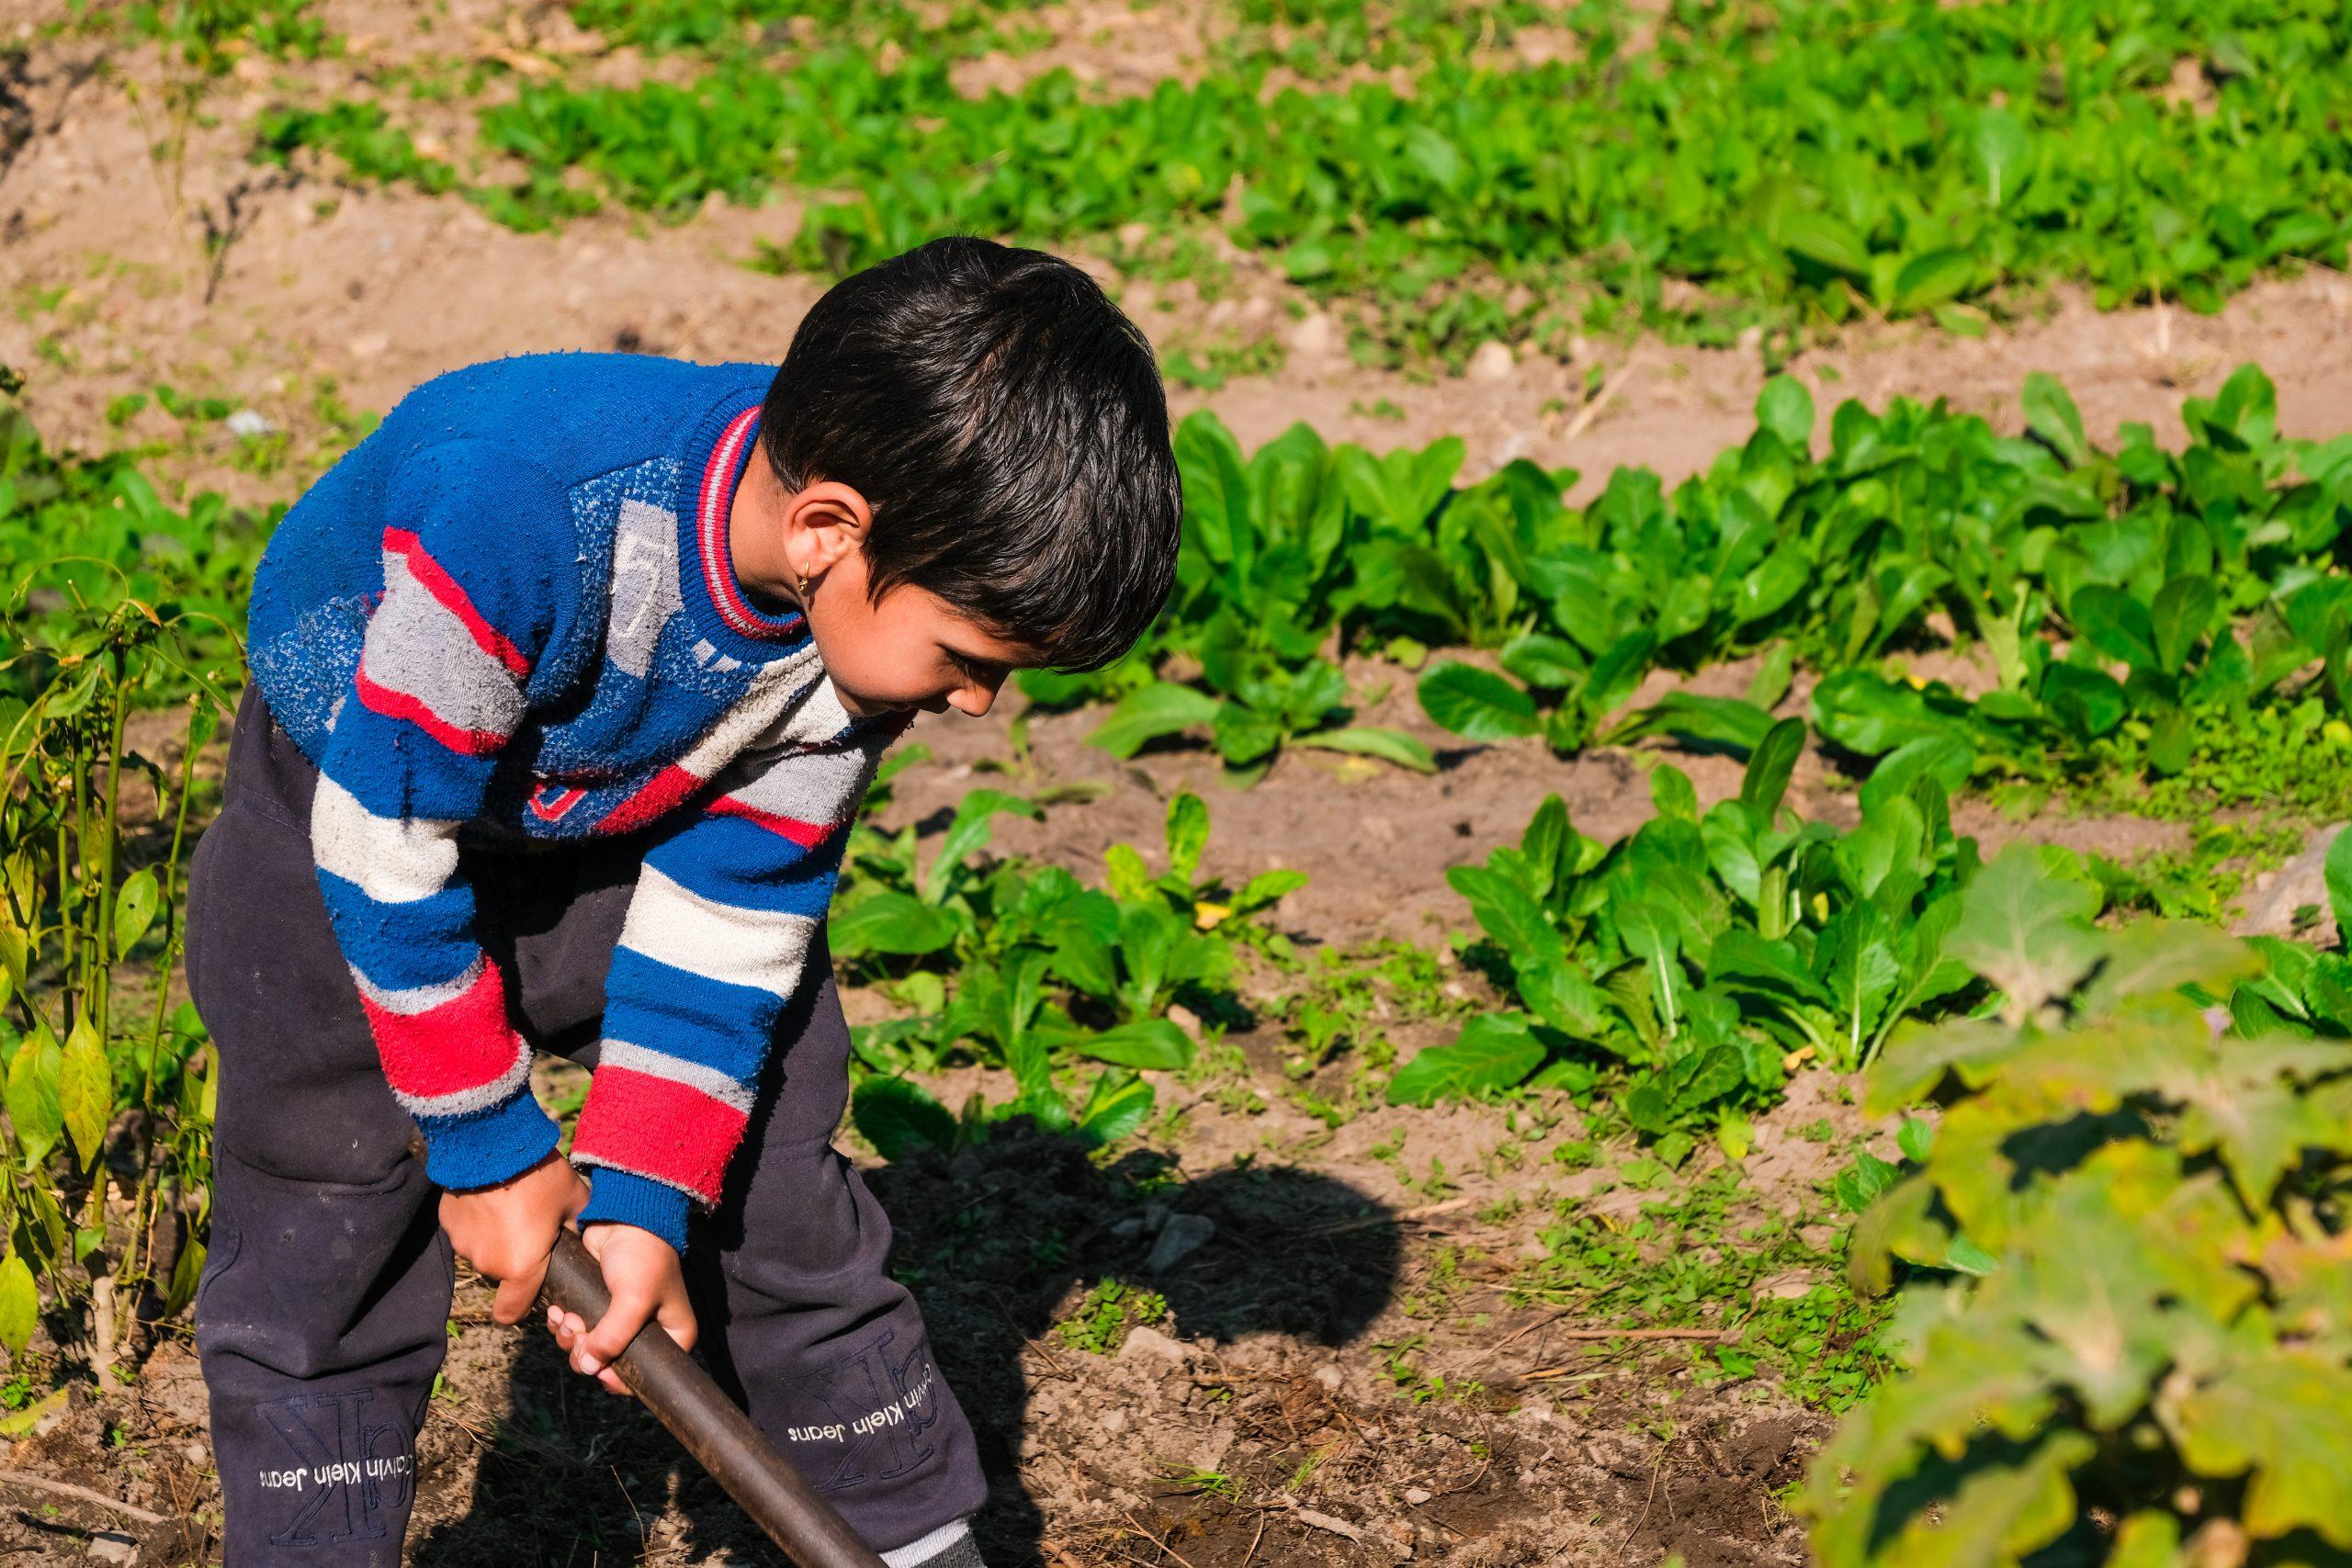 Child farming in the field